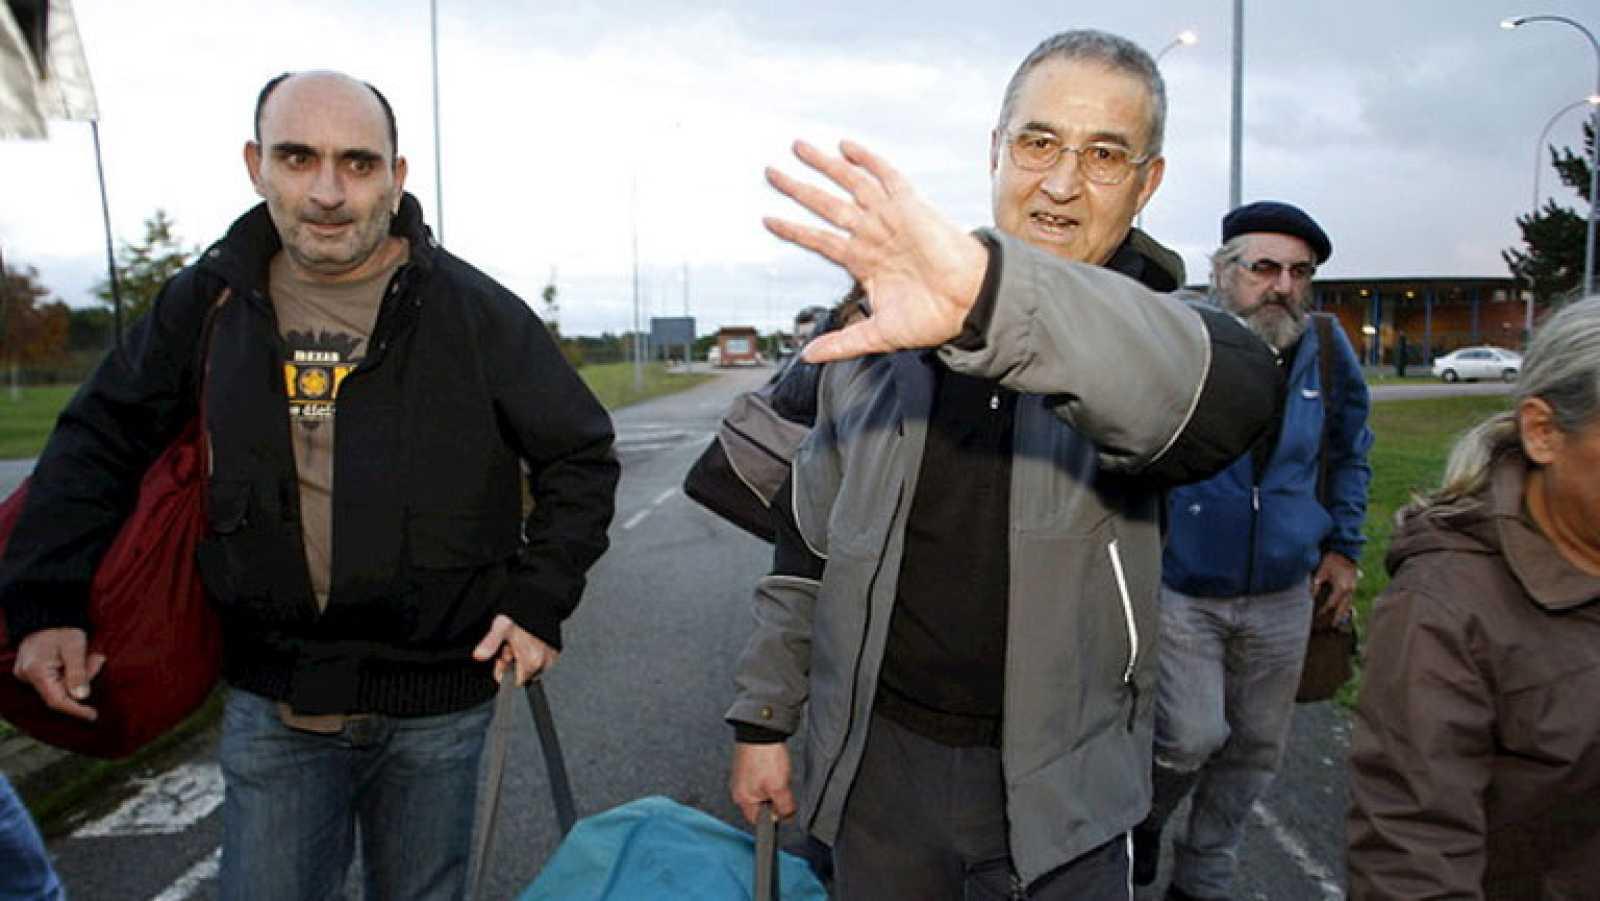 El etarra Domingo Troitiño, autor del atentado de Hipercor, sale de la cárcel por orden de la Audiencia Nacional